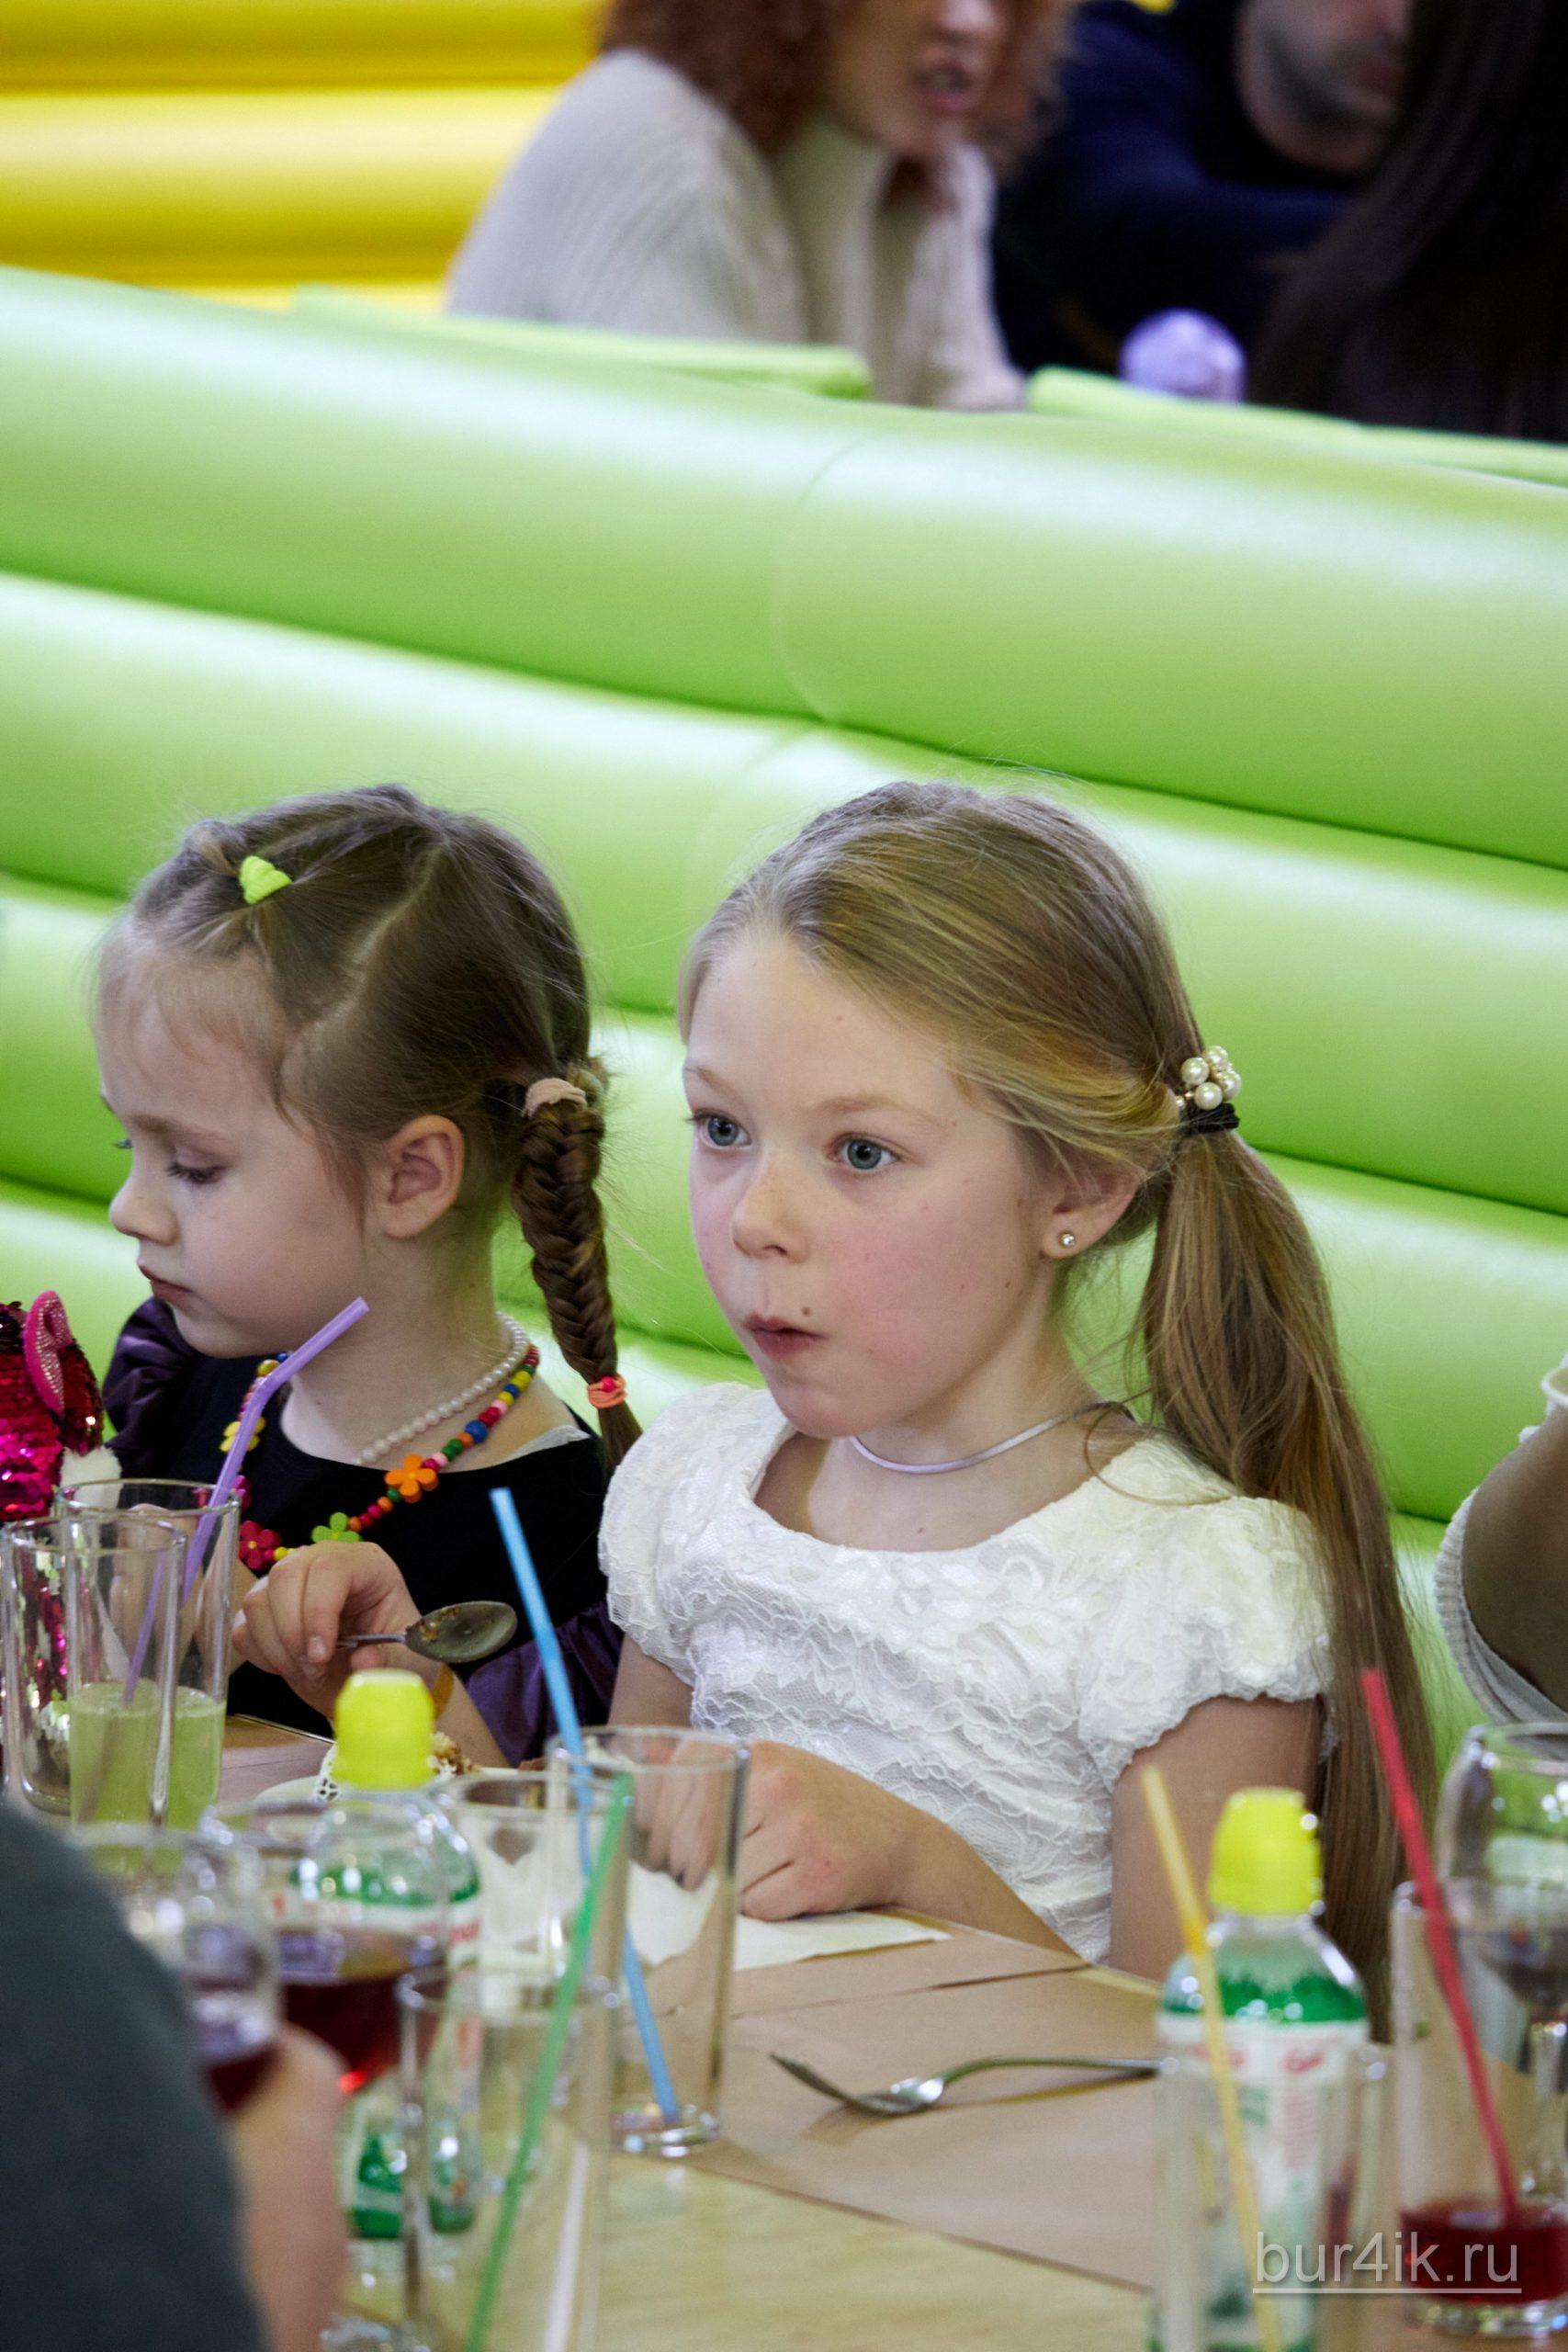 Фото Детское День Рождения в Детский Дворик 15.01.2020 №264 -photo- bur4ik.ru